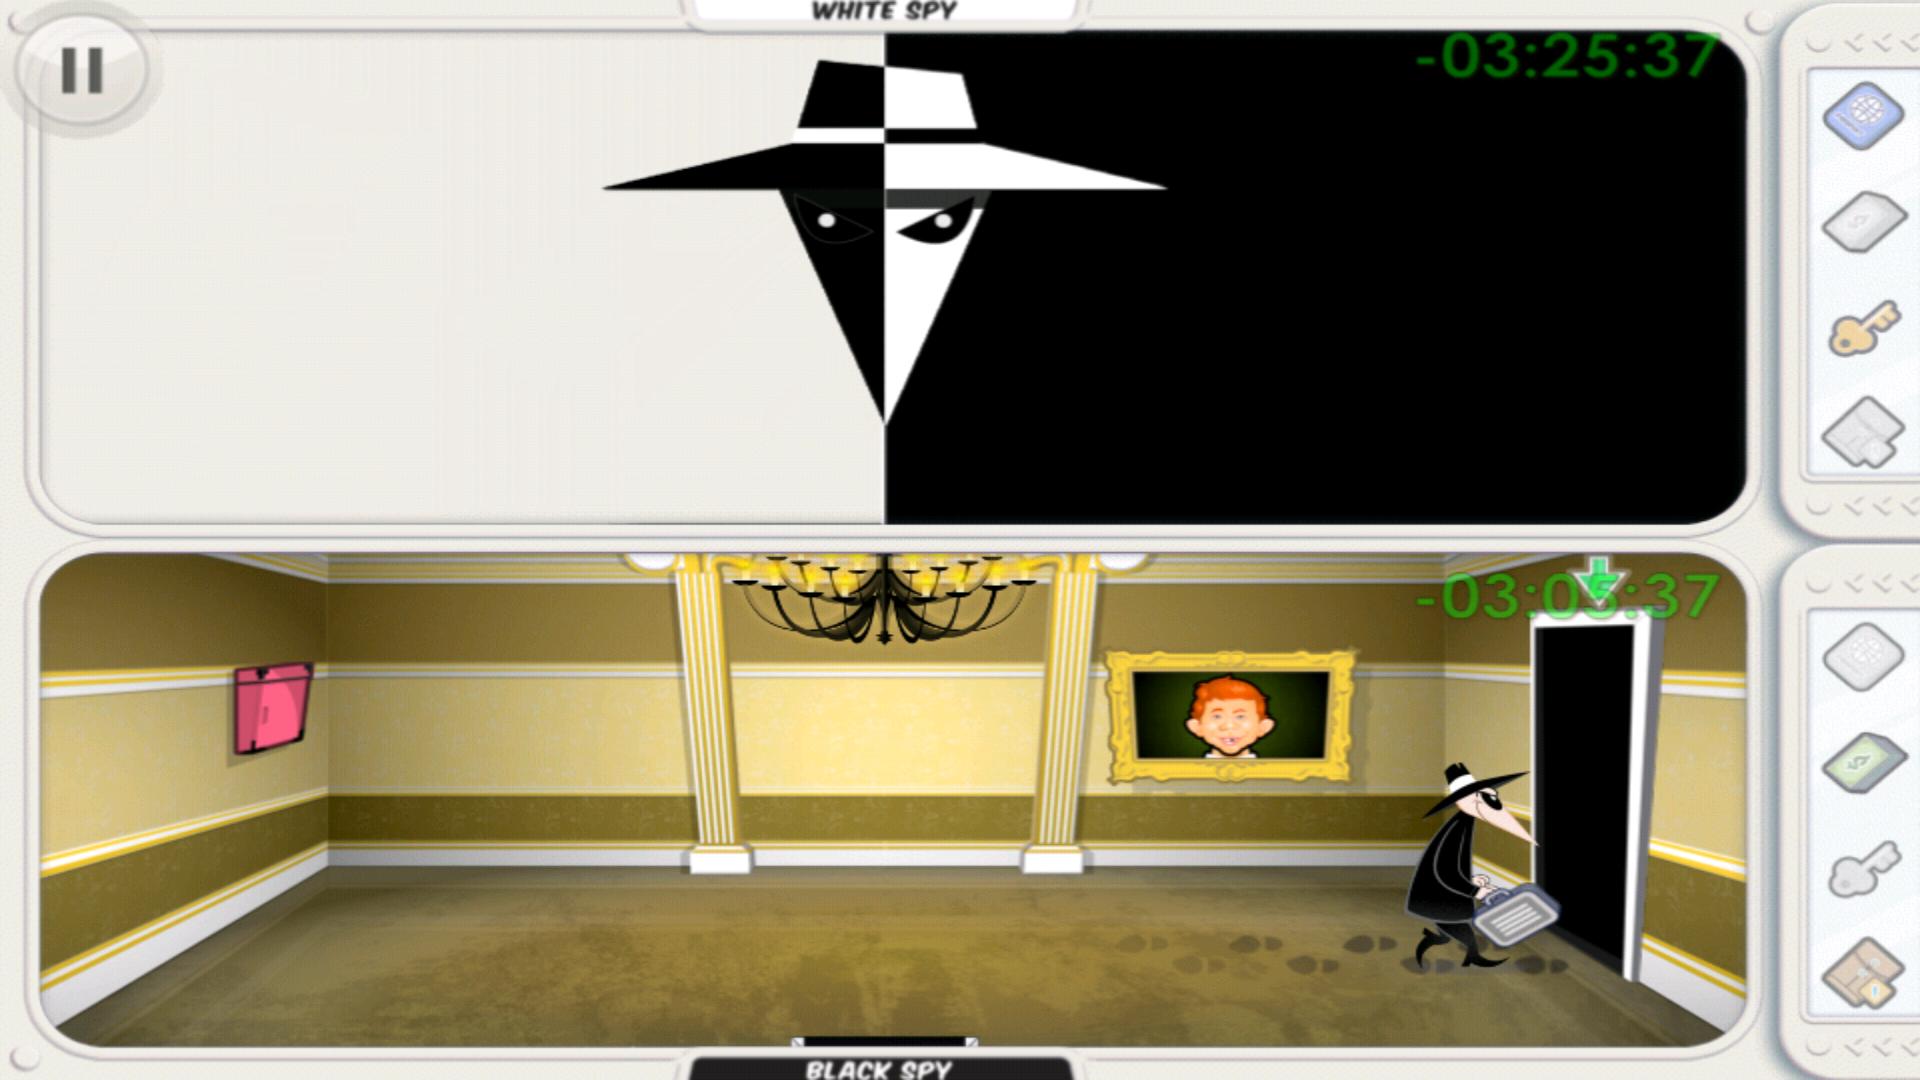 Spy Vs Spy Android Games Download Free Spy Vs Spy Arcade